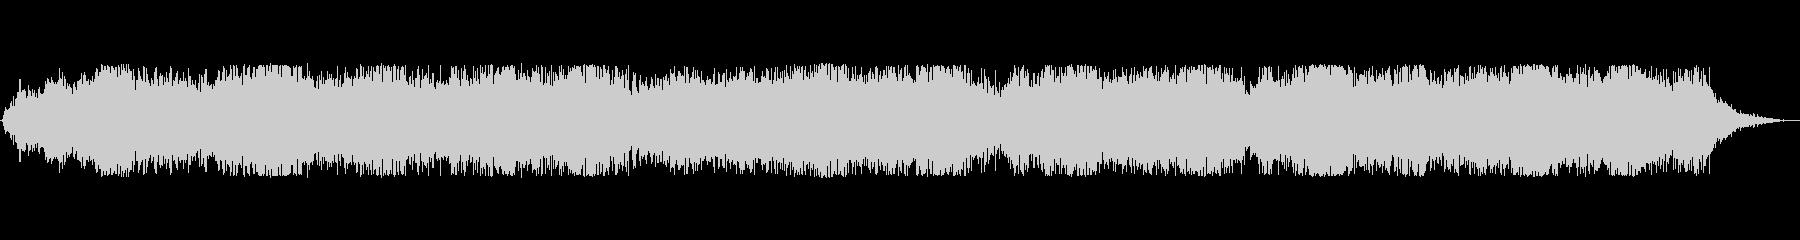 電気サンダー:スタート、サンドウッ...の未再生の波形